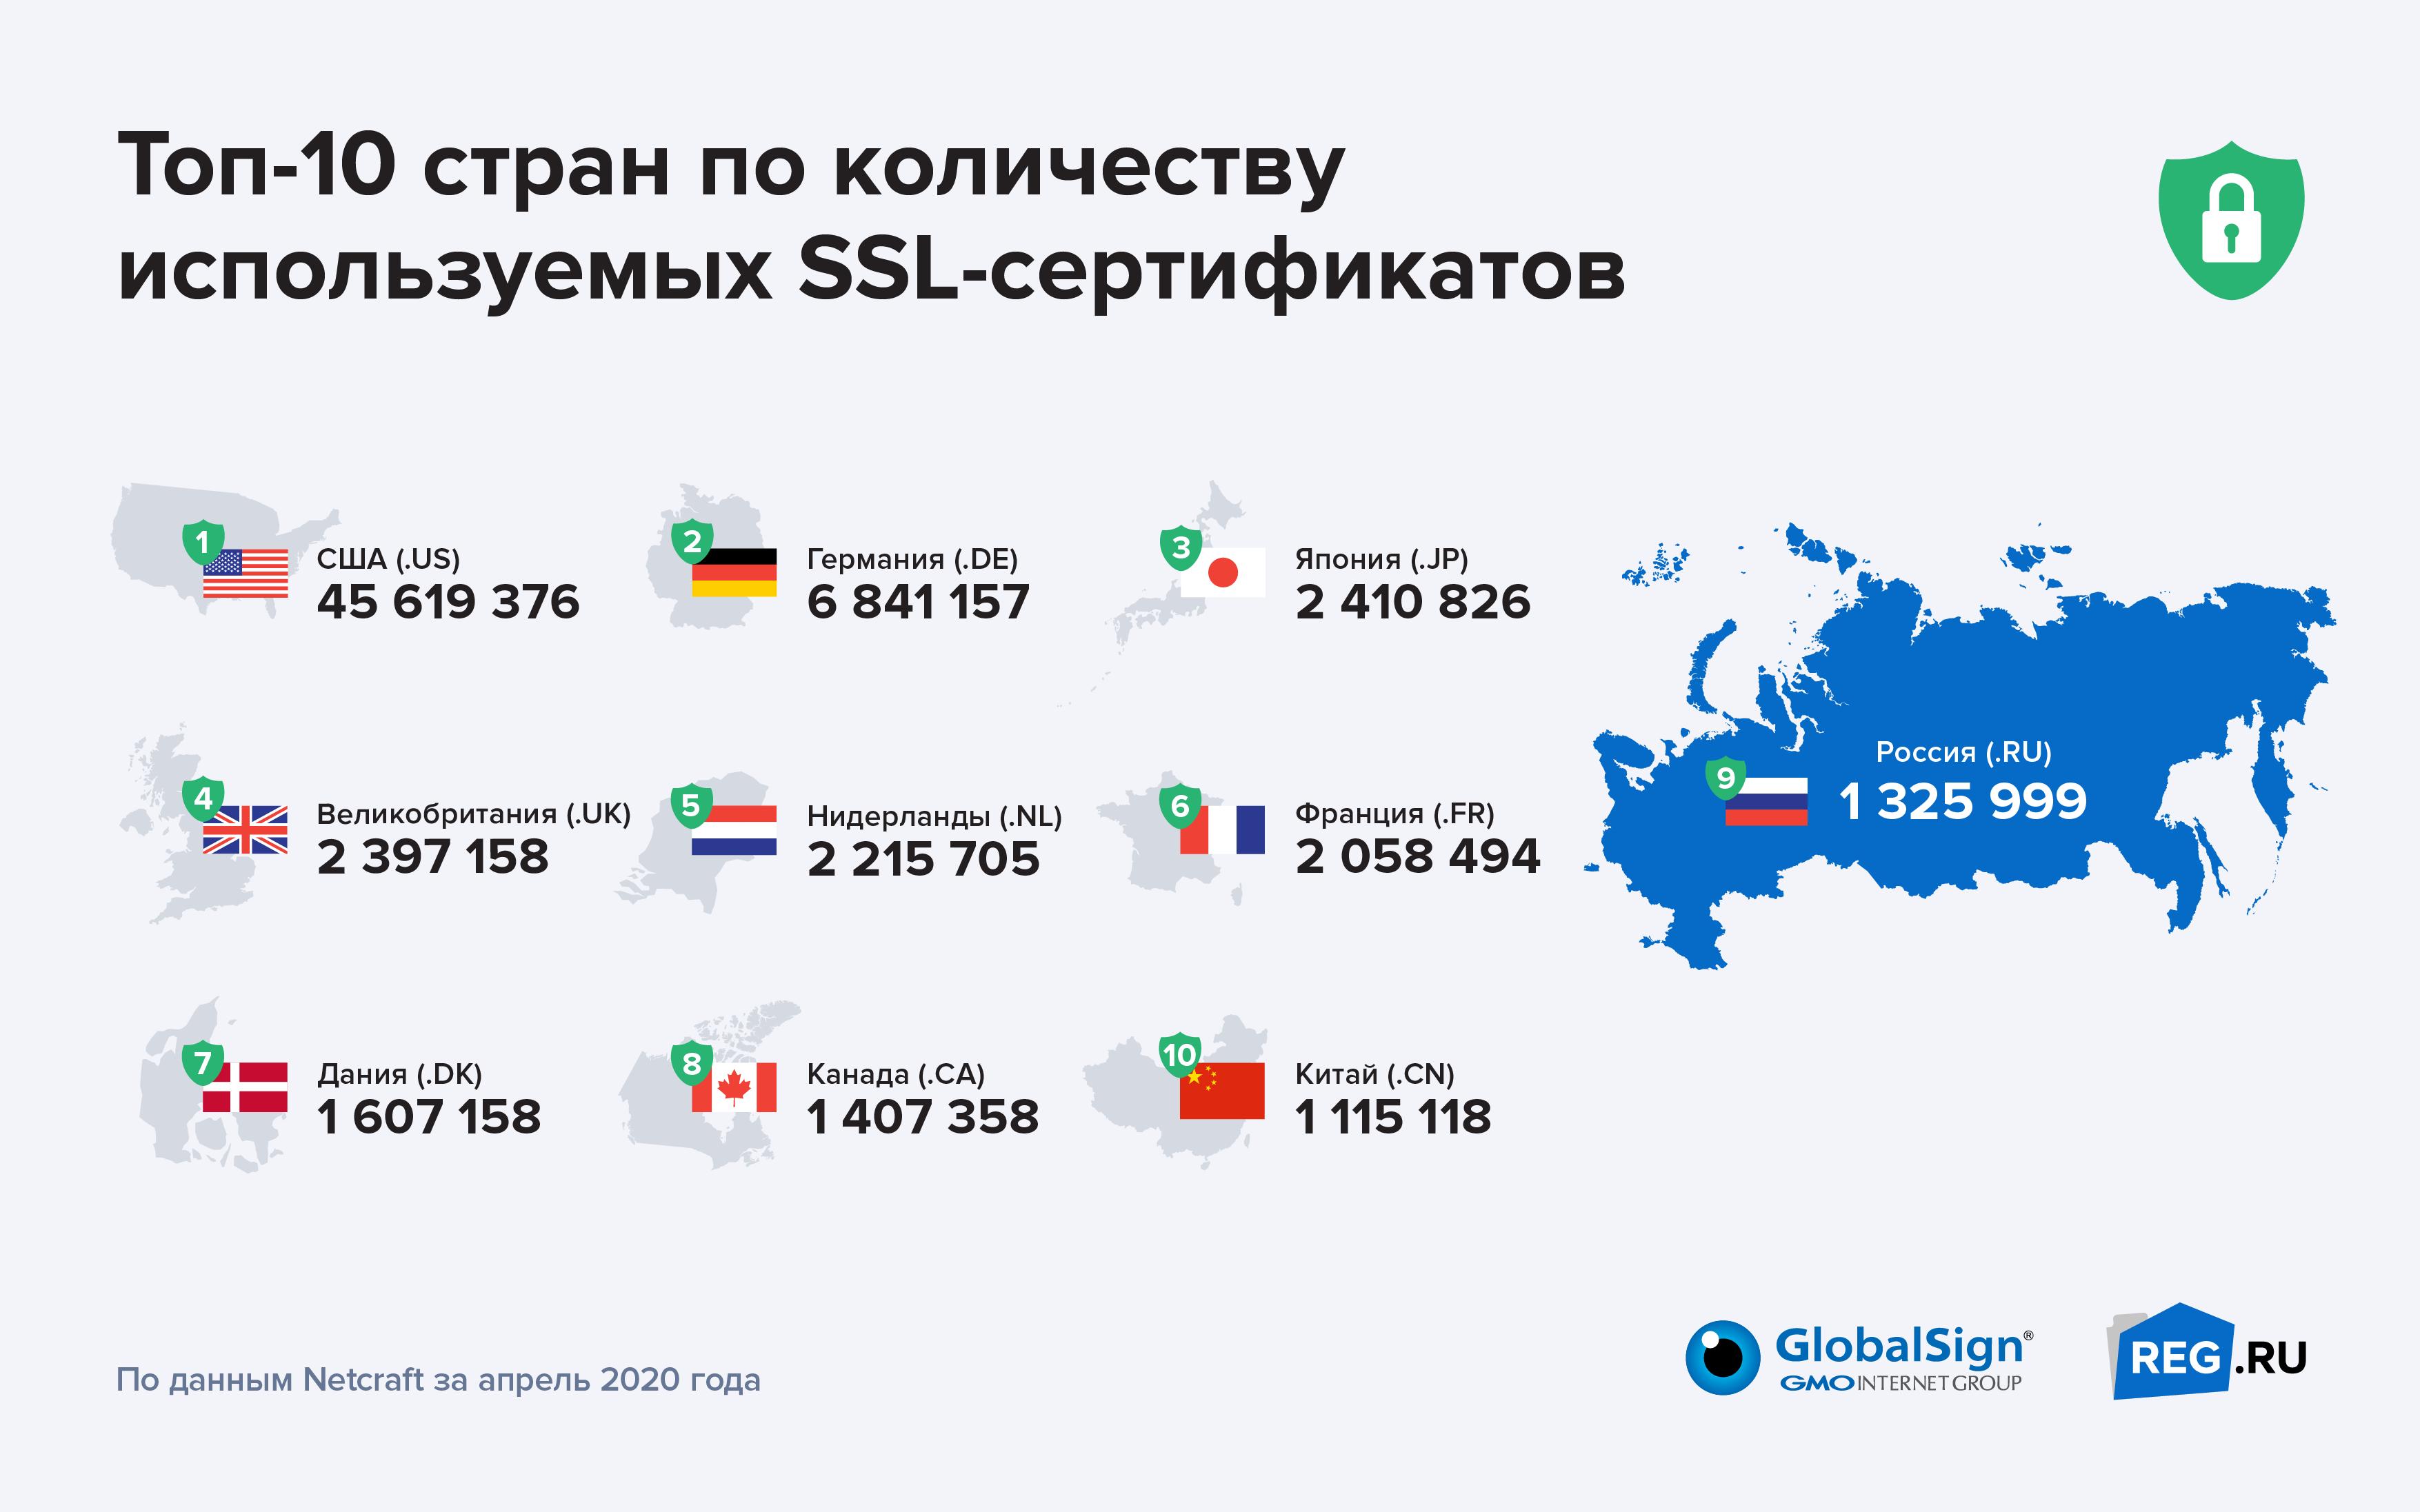 Россия в десятке стран по количеству валидных SSL